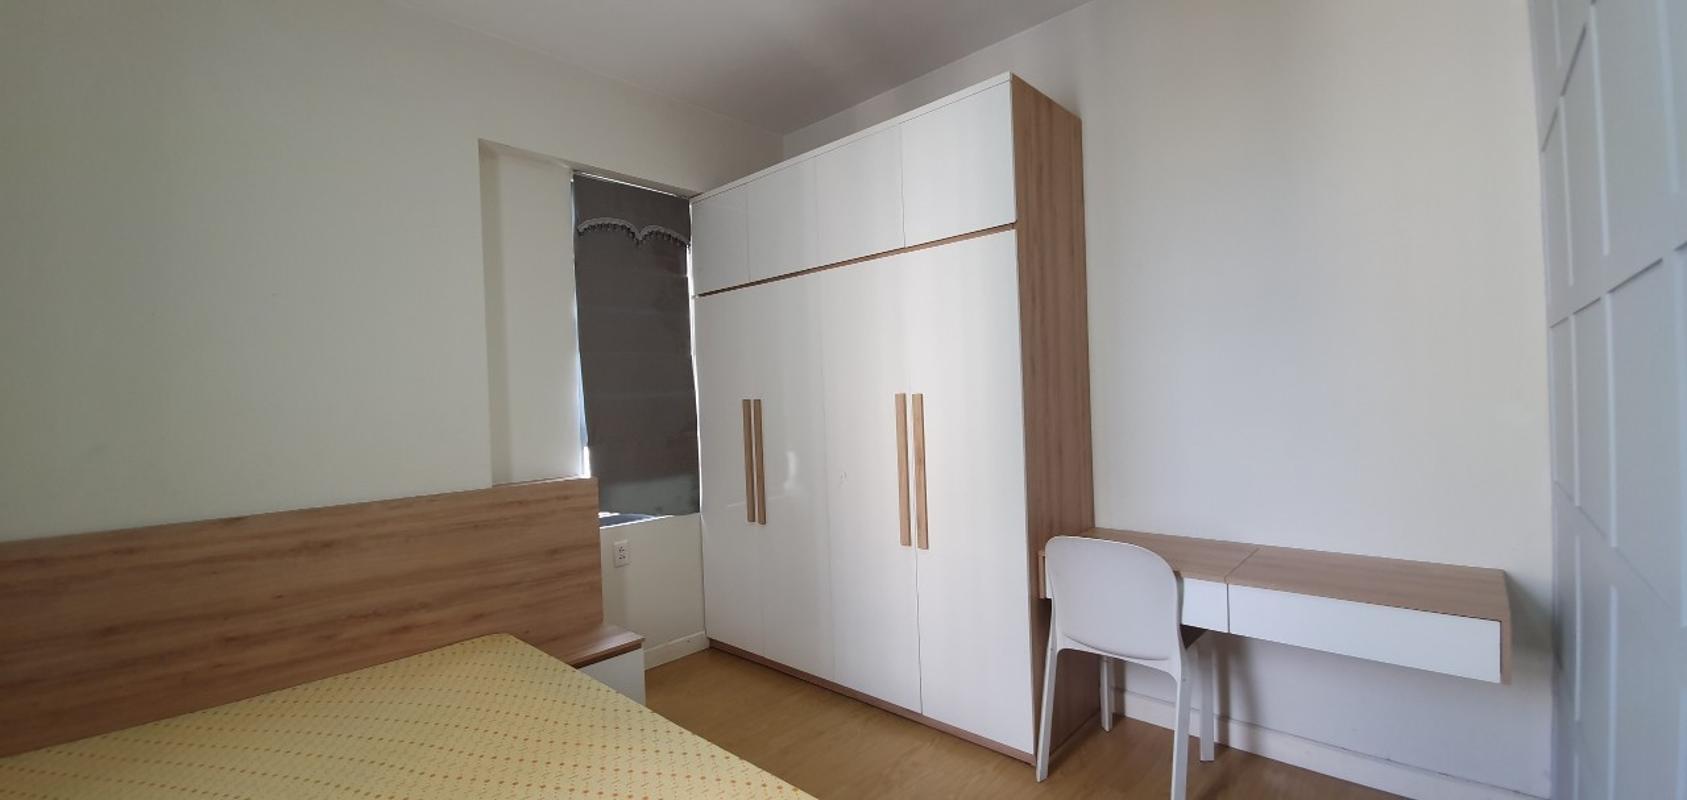 e31aff5db1c0579e0ed1 Bán hoặc cho thuê căn hộ Masteri Thảo Điền 2 phòng ngủ, diện tích 66m2, đầy đủ nội thất